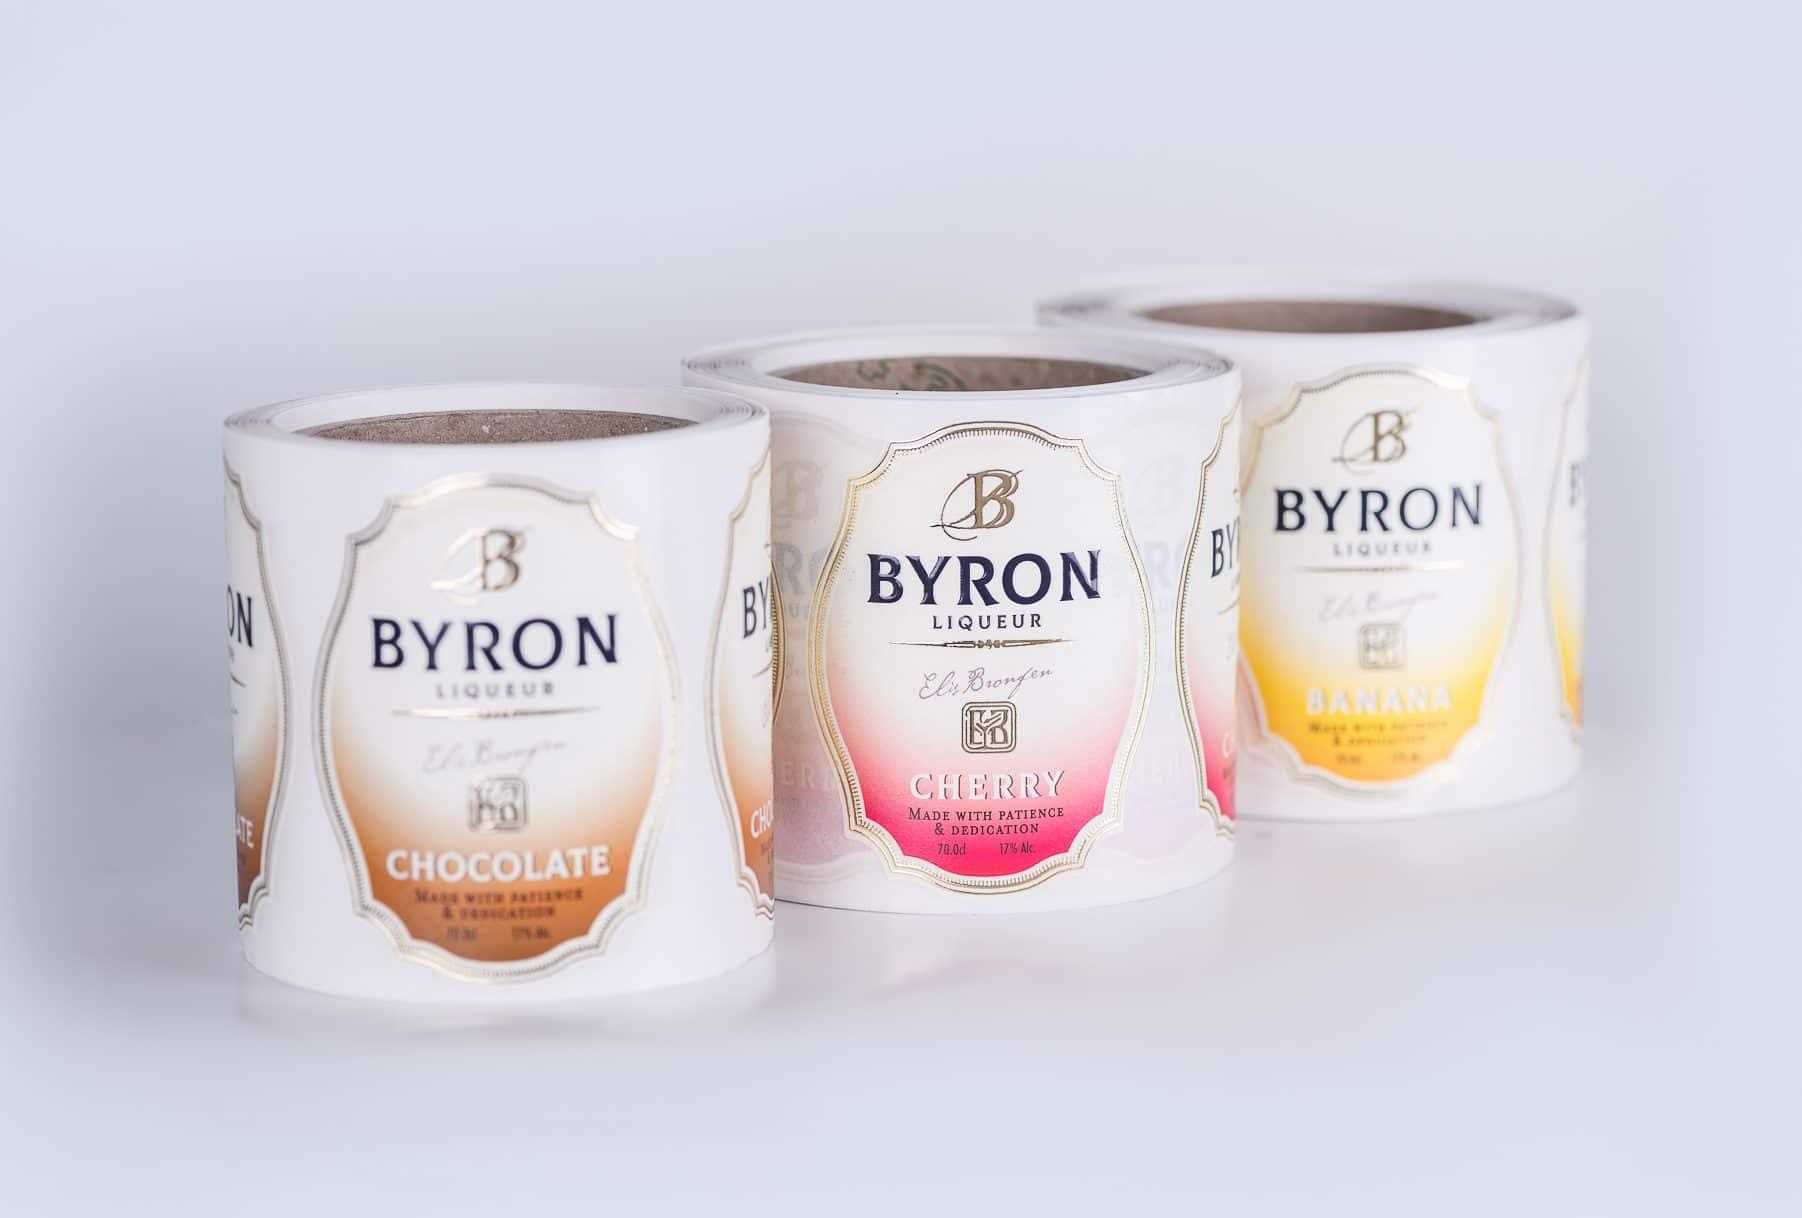 שלושה גלילים של תוויות יין שהודפסו עבור בקבוקי יין וליקר של חברת BYRON בצבע חום, ורוד וצהוב. בקבוק עם תווית החומה עשוי משוקולד, ורוד עשוי מדובדבן והצהוב מבננה